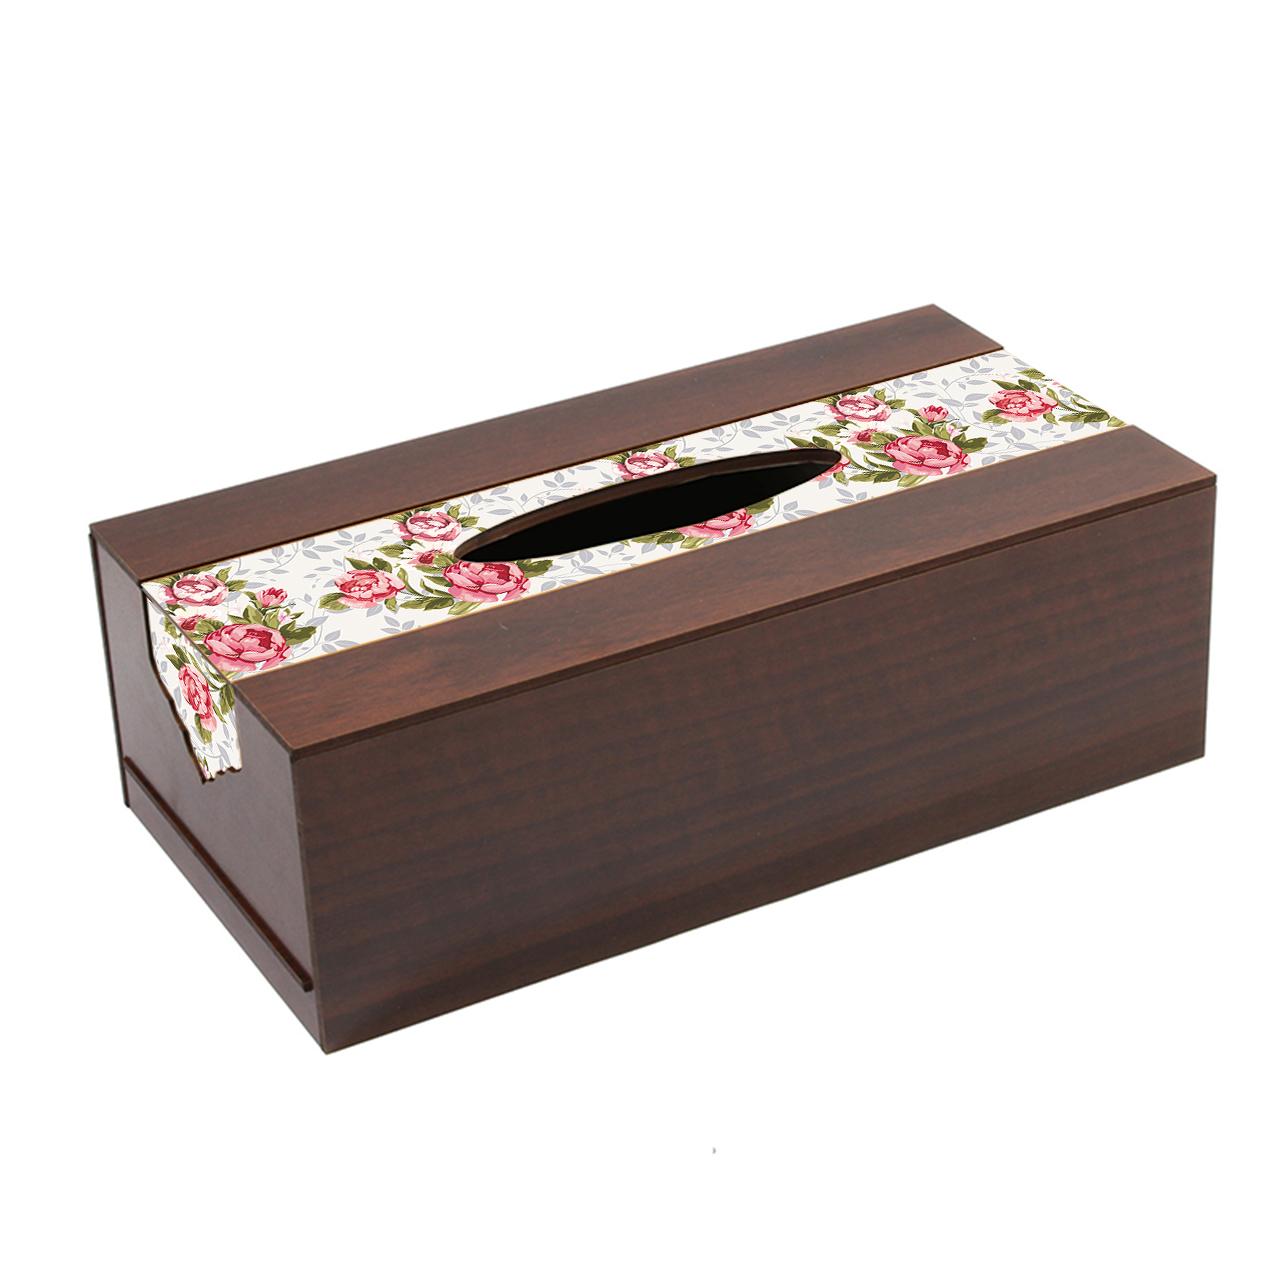 جعبه دستمال کاغذی تهران جی اف ایکس مدل D157